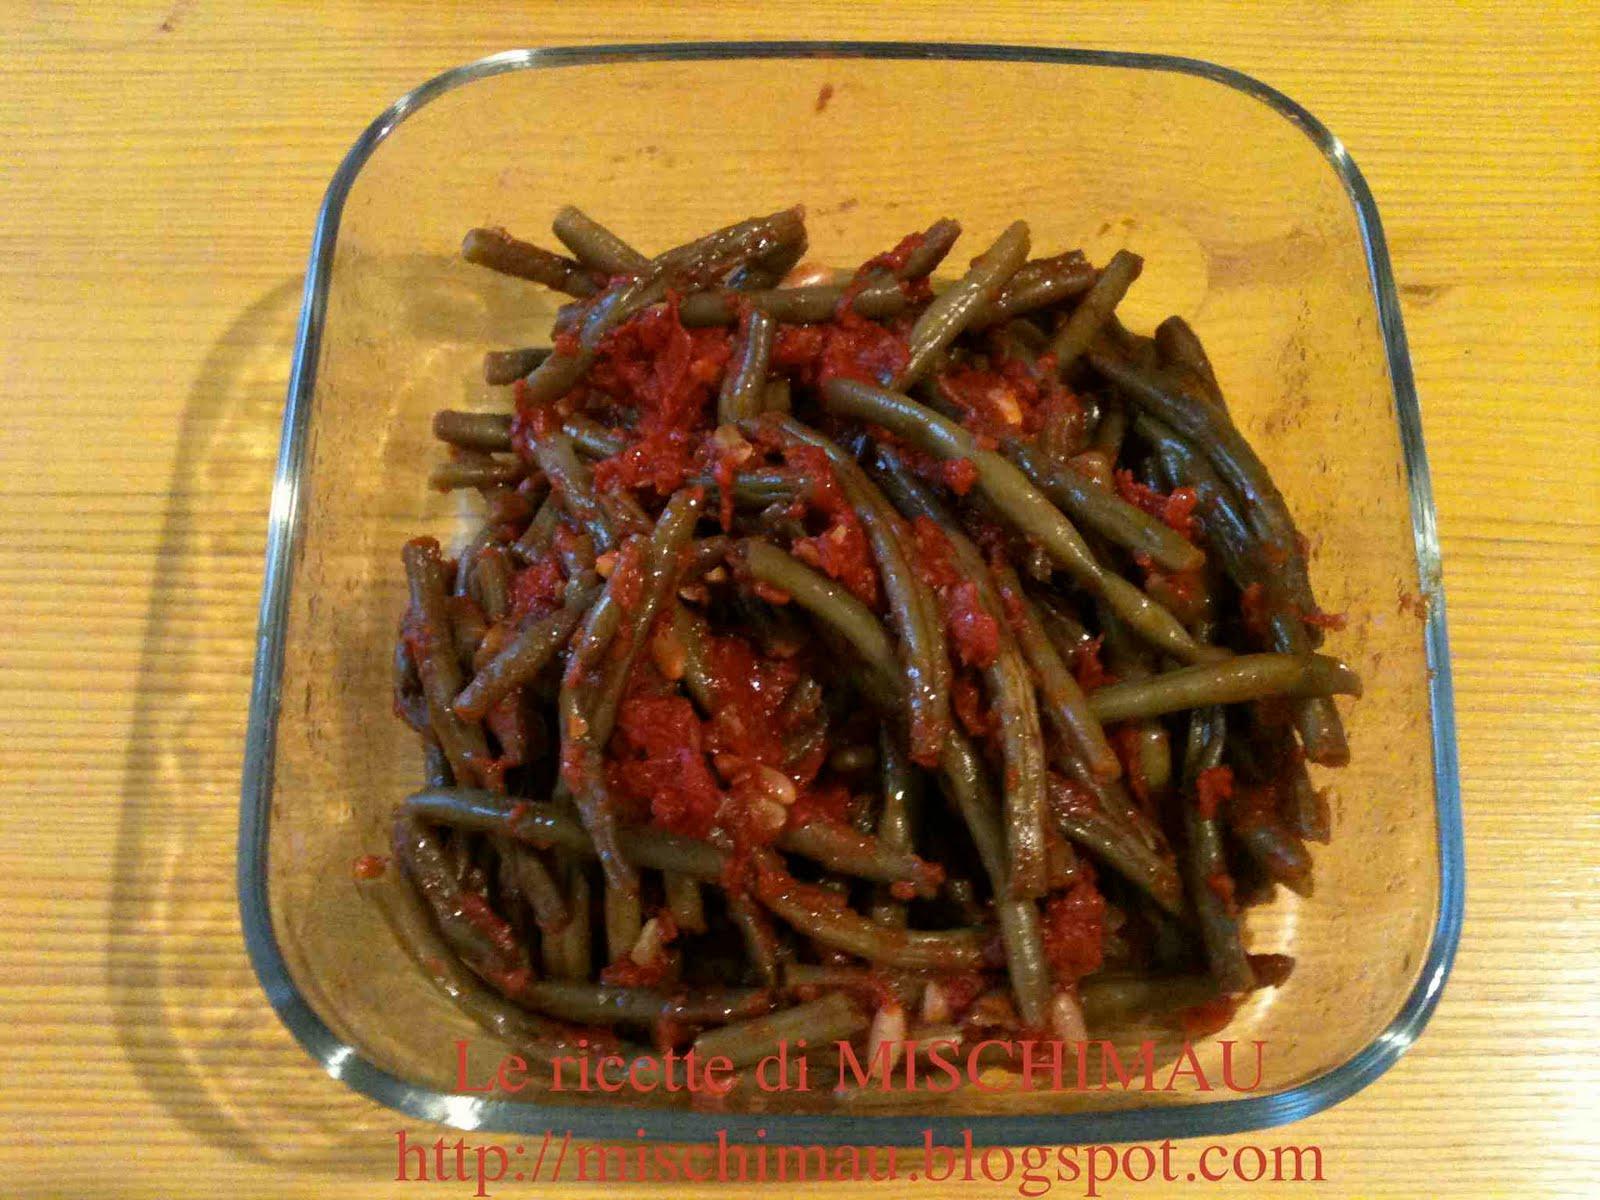 Le ricette di mischimau fagiolini al pomodoro - Cucinare i fagiolini ...